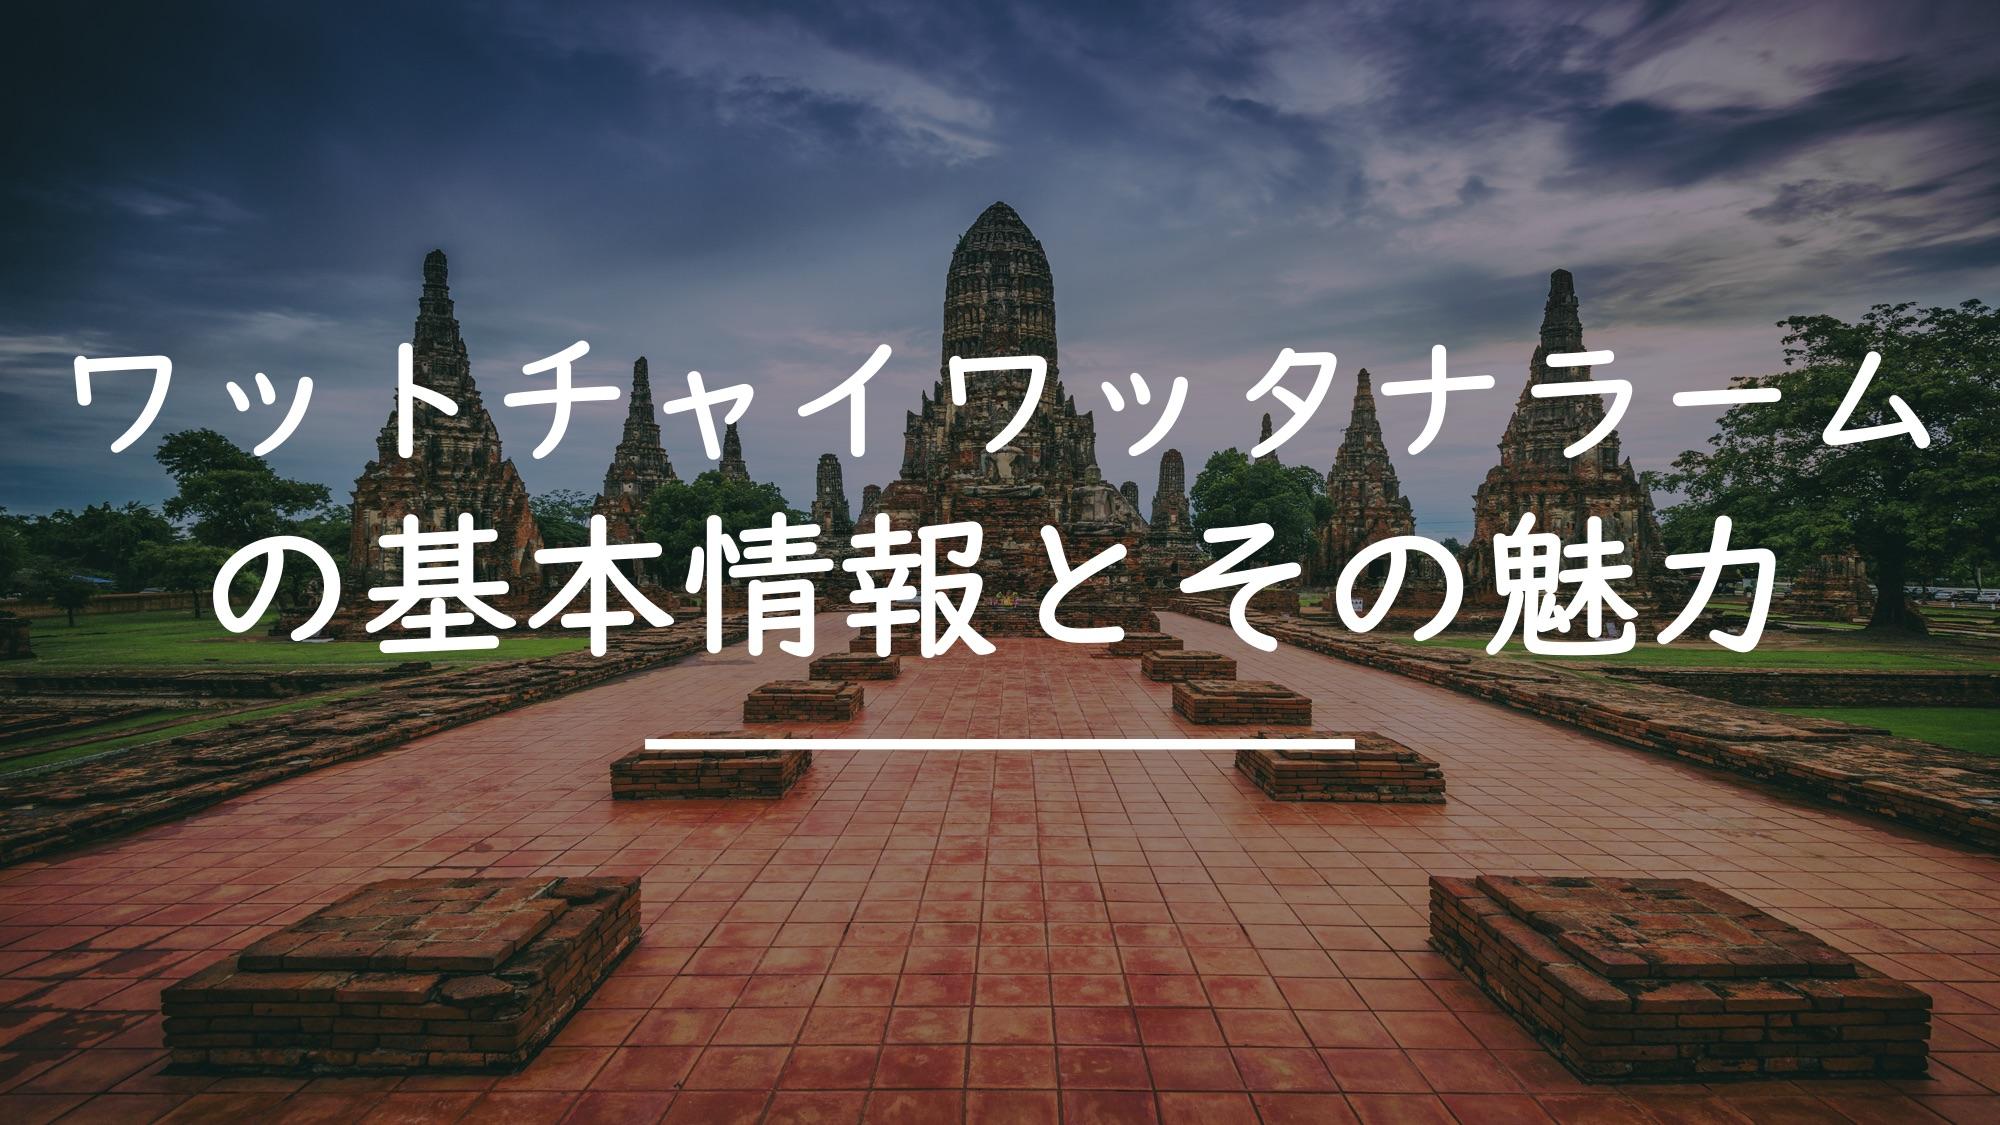 ワット チャイワッタナラームの基本情報(Wat Chai Wattanaram)